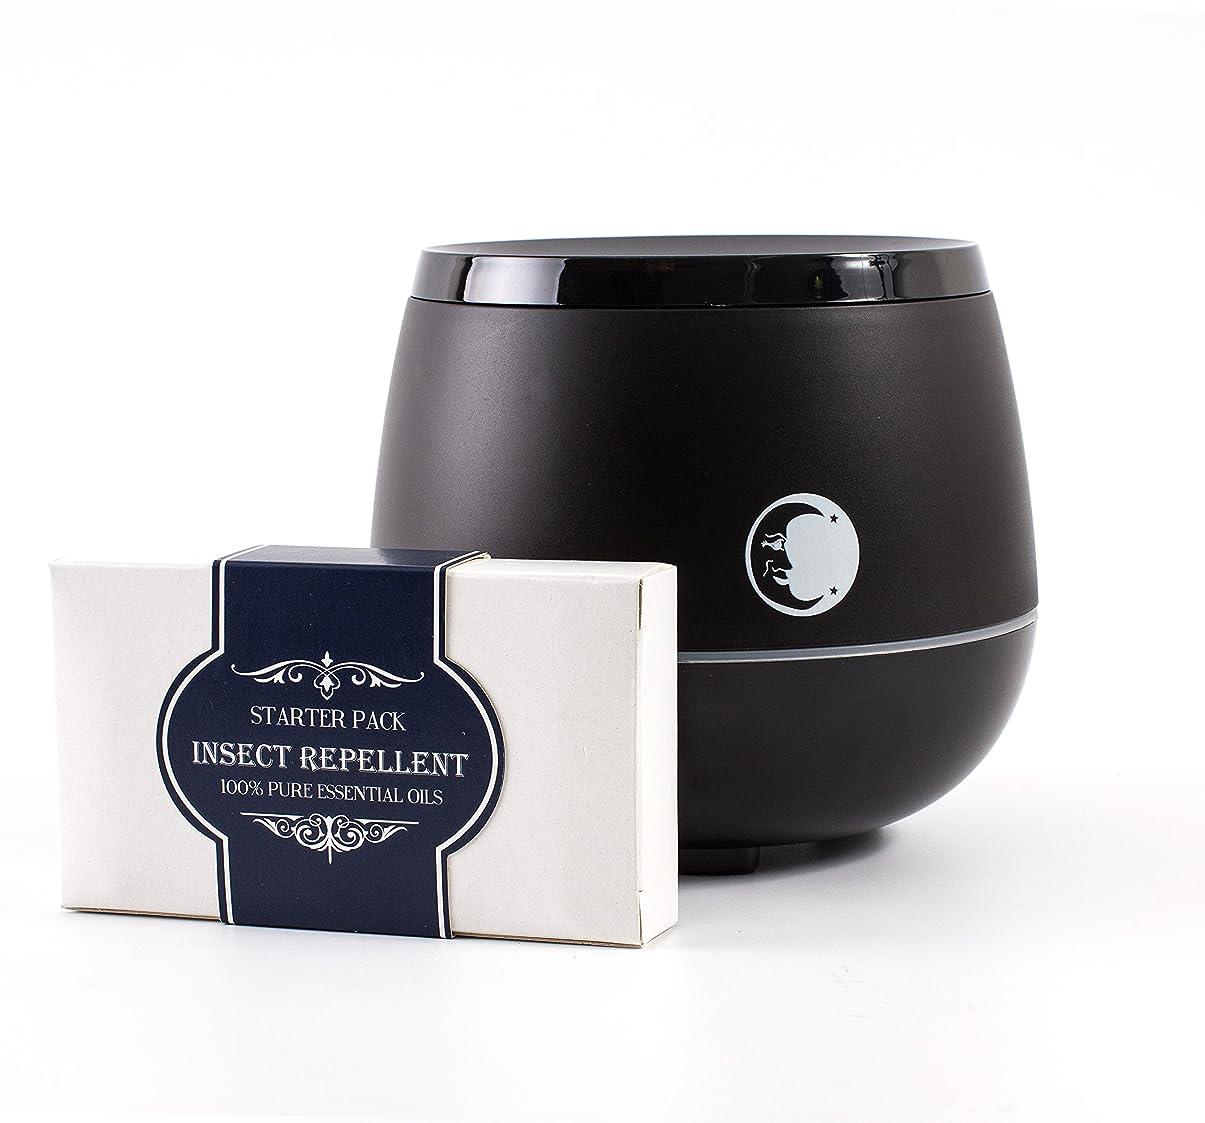 つば締め切りカートンMystic Moments | Black Aromatherapy Oil Ultrasonic Diffuser With Bluetooth Speaker & LED Lights + Insect Repellent Essential Oil Gift Starter Pack